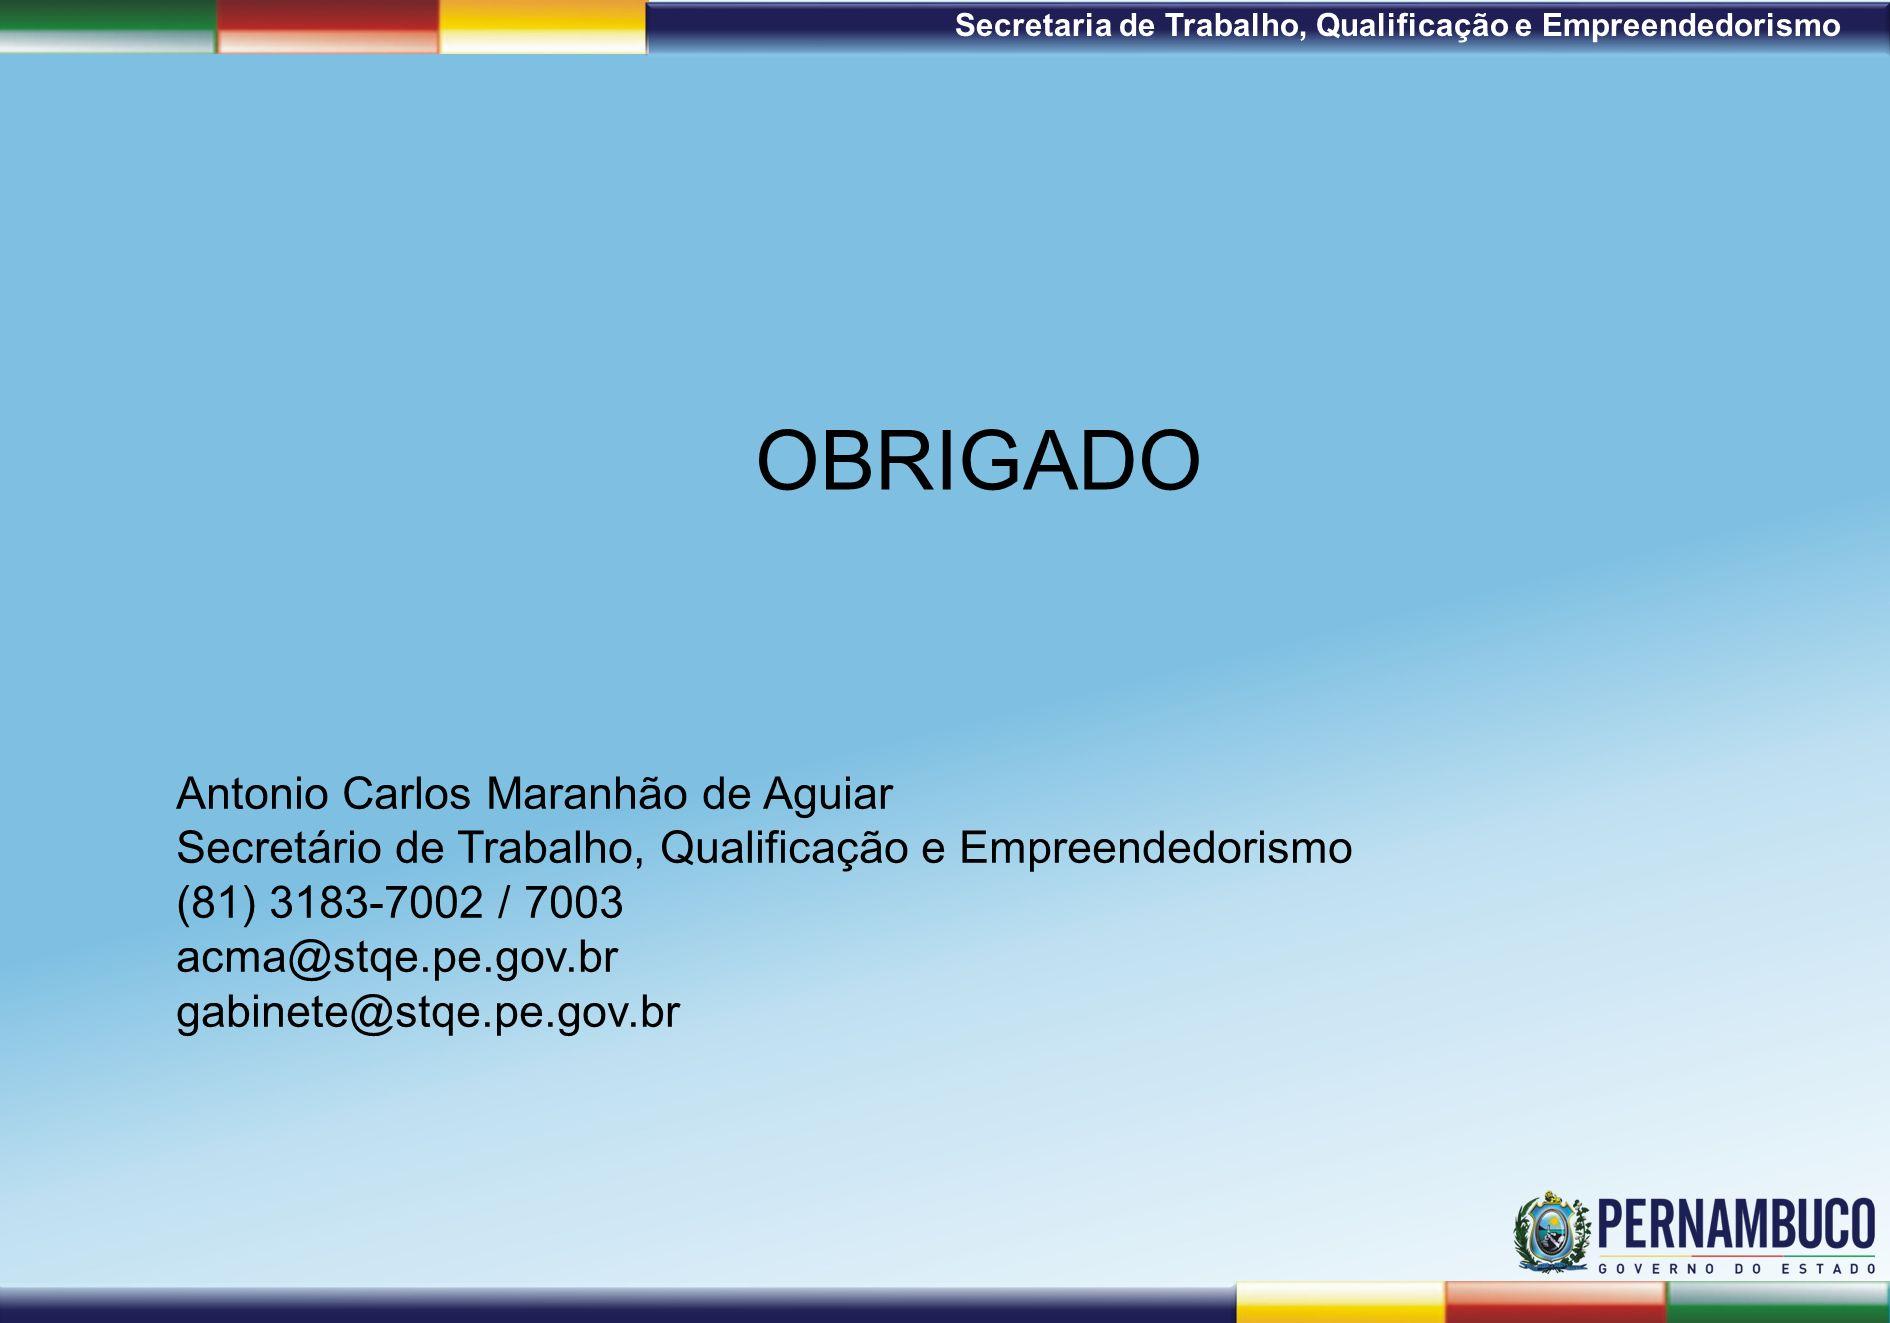 1ª Reunião de Monitoramento 2009 – 31/03/09 Secretaria de Trabalho, Qualificação e Empreendedorismo OBRIGADO Antonio Carlos Maranhão de Aguiar Secretário de Trabalho, Qualificação e Empreendedorismo (81) 3183-7002 / 7003 acma@stqe.pe.gov.br gabinete@stqe.pe.gov.br